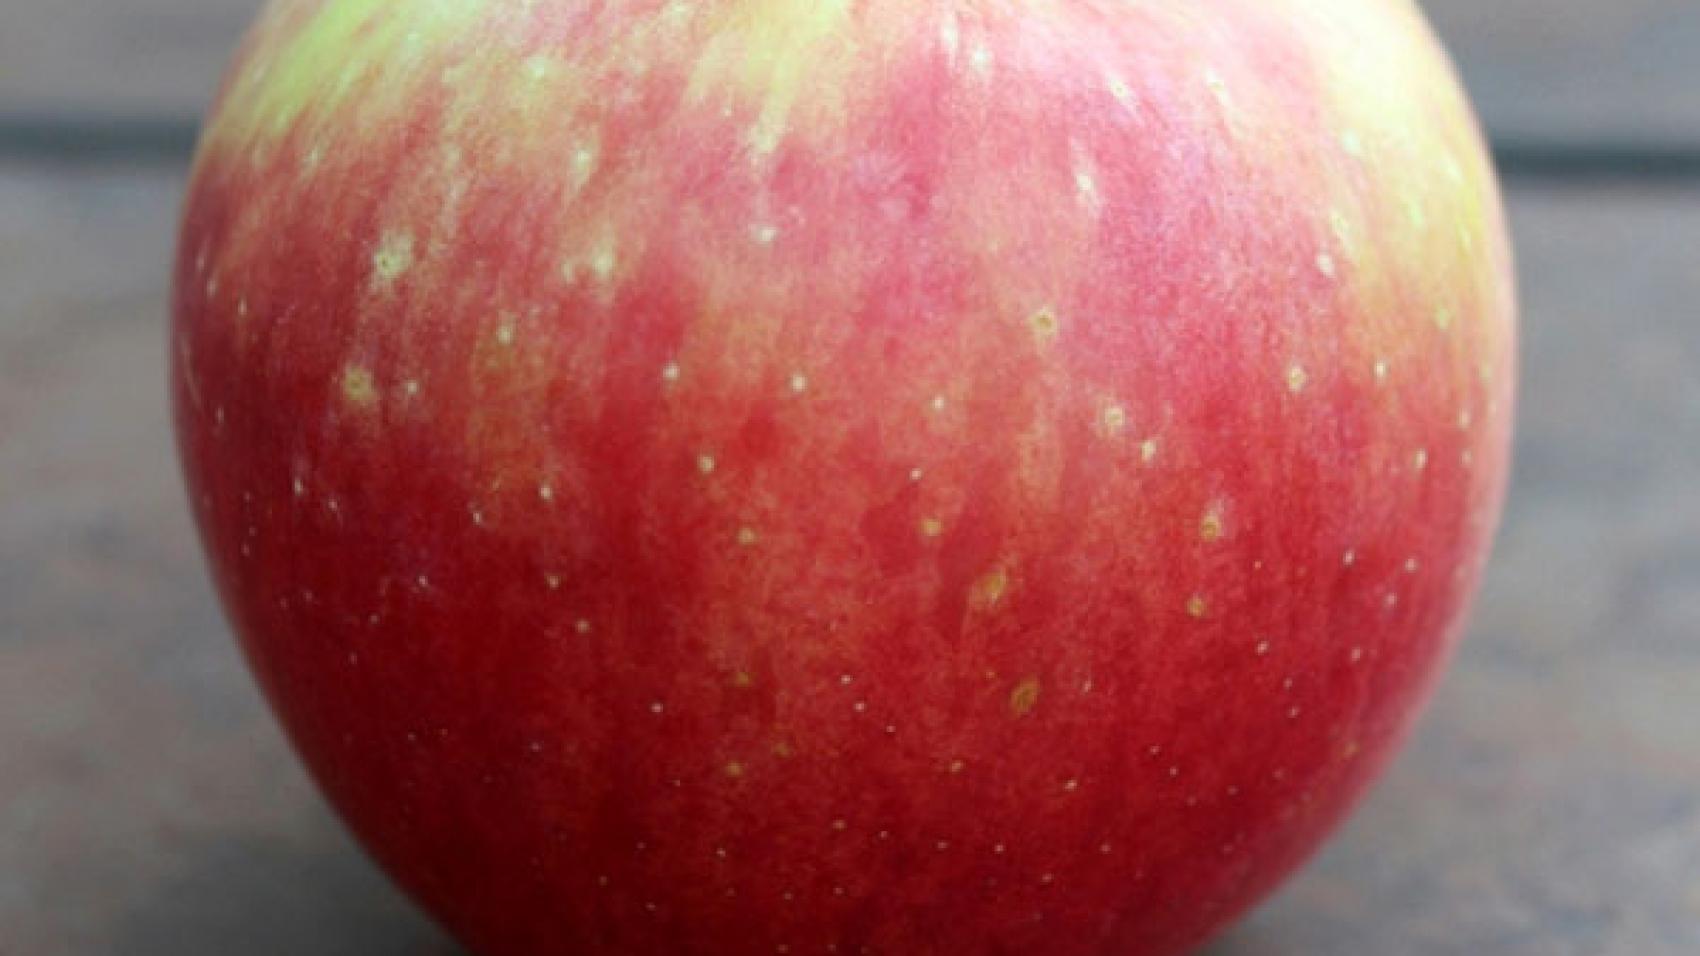 Zestar-Apples